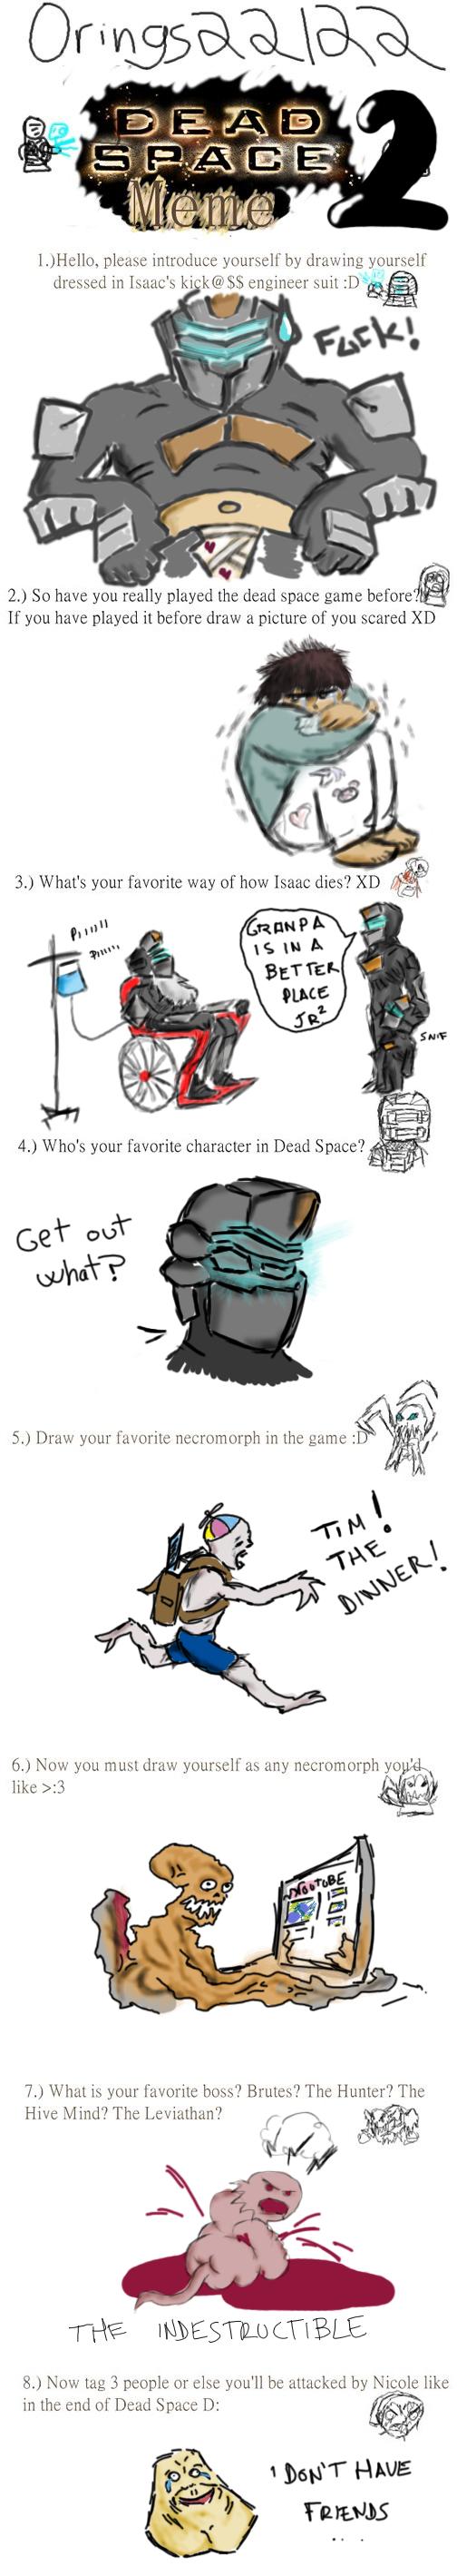 Dead space 2 meme by kur0s4k1